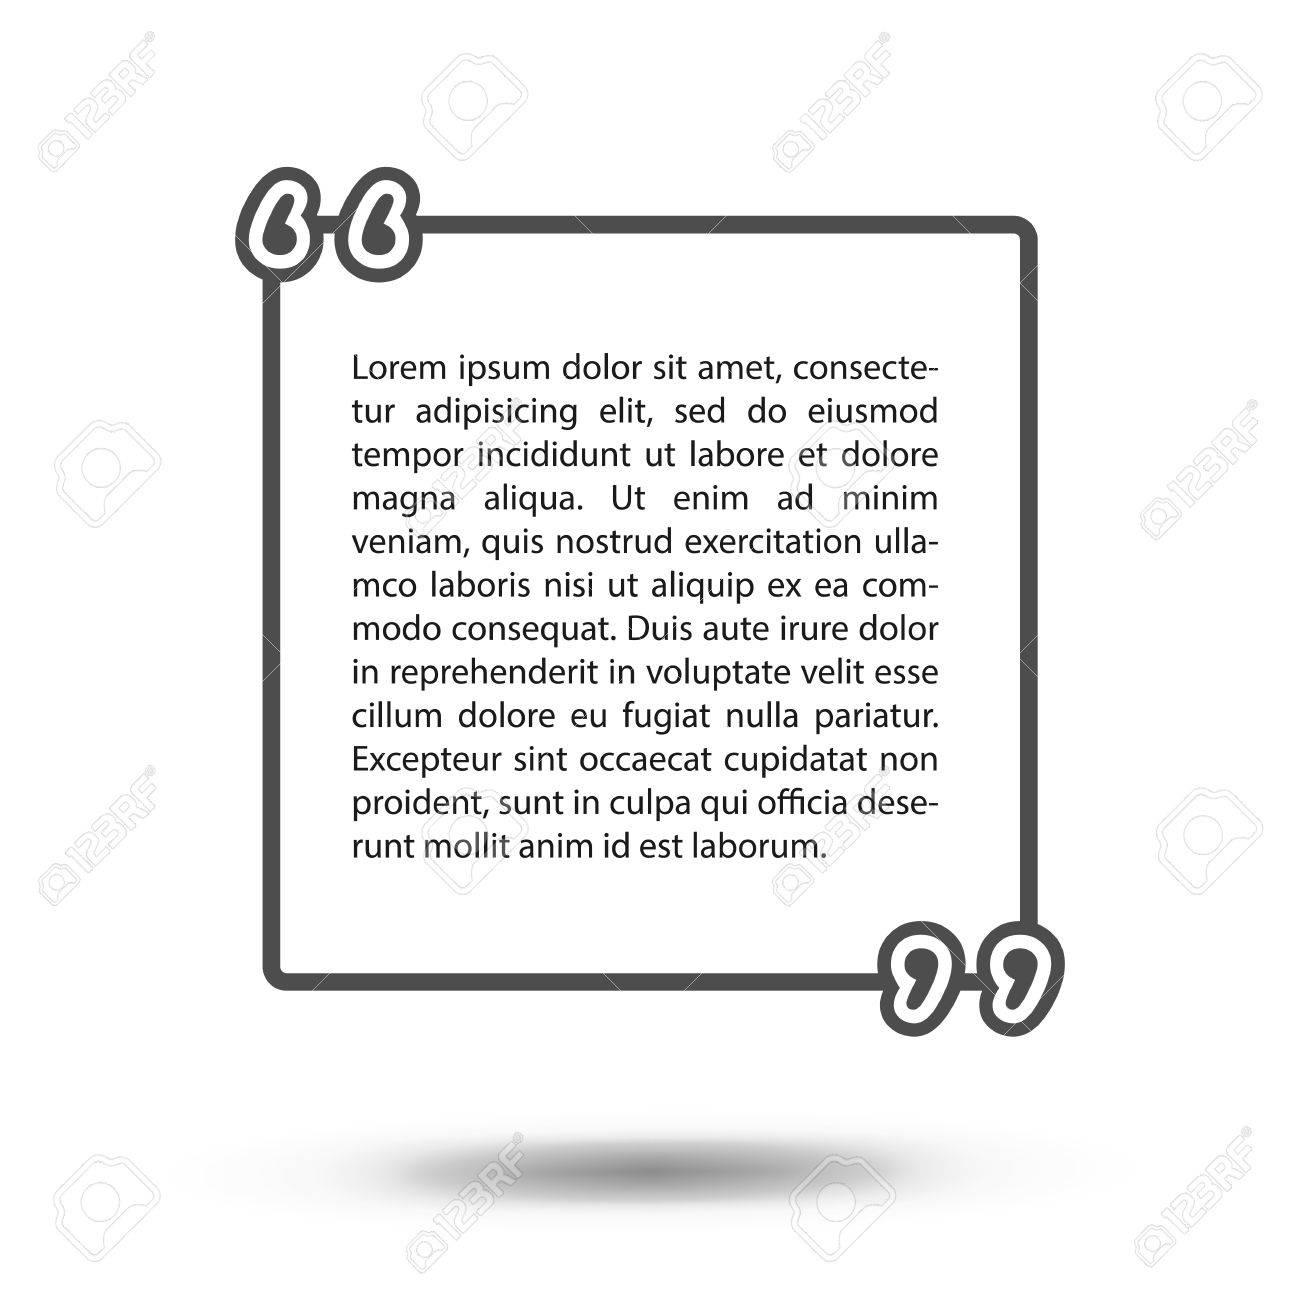 Citations De Vecteur Modèle Citation Modèle Vierge Modèle Vide